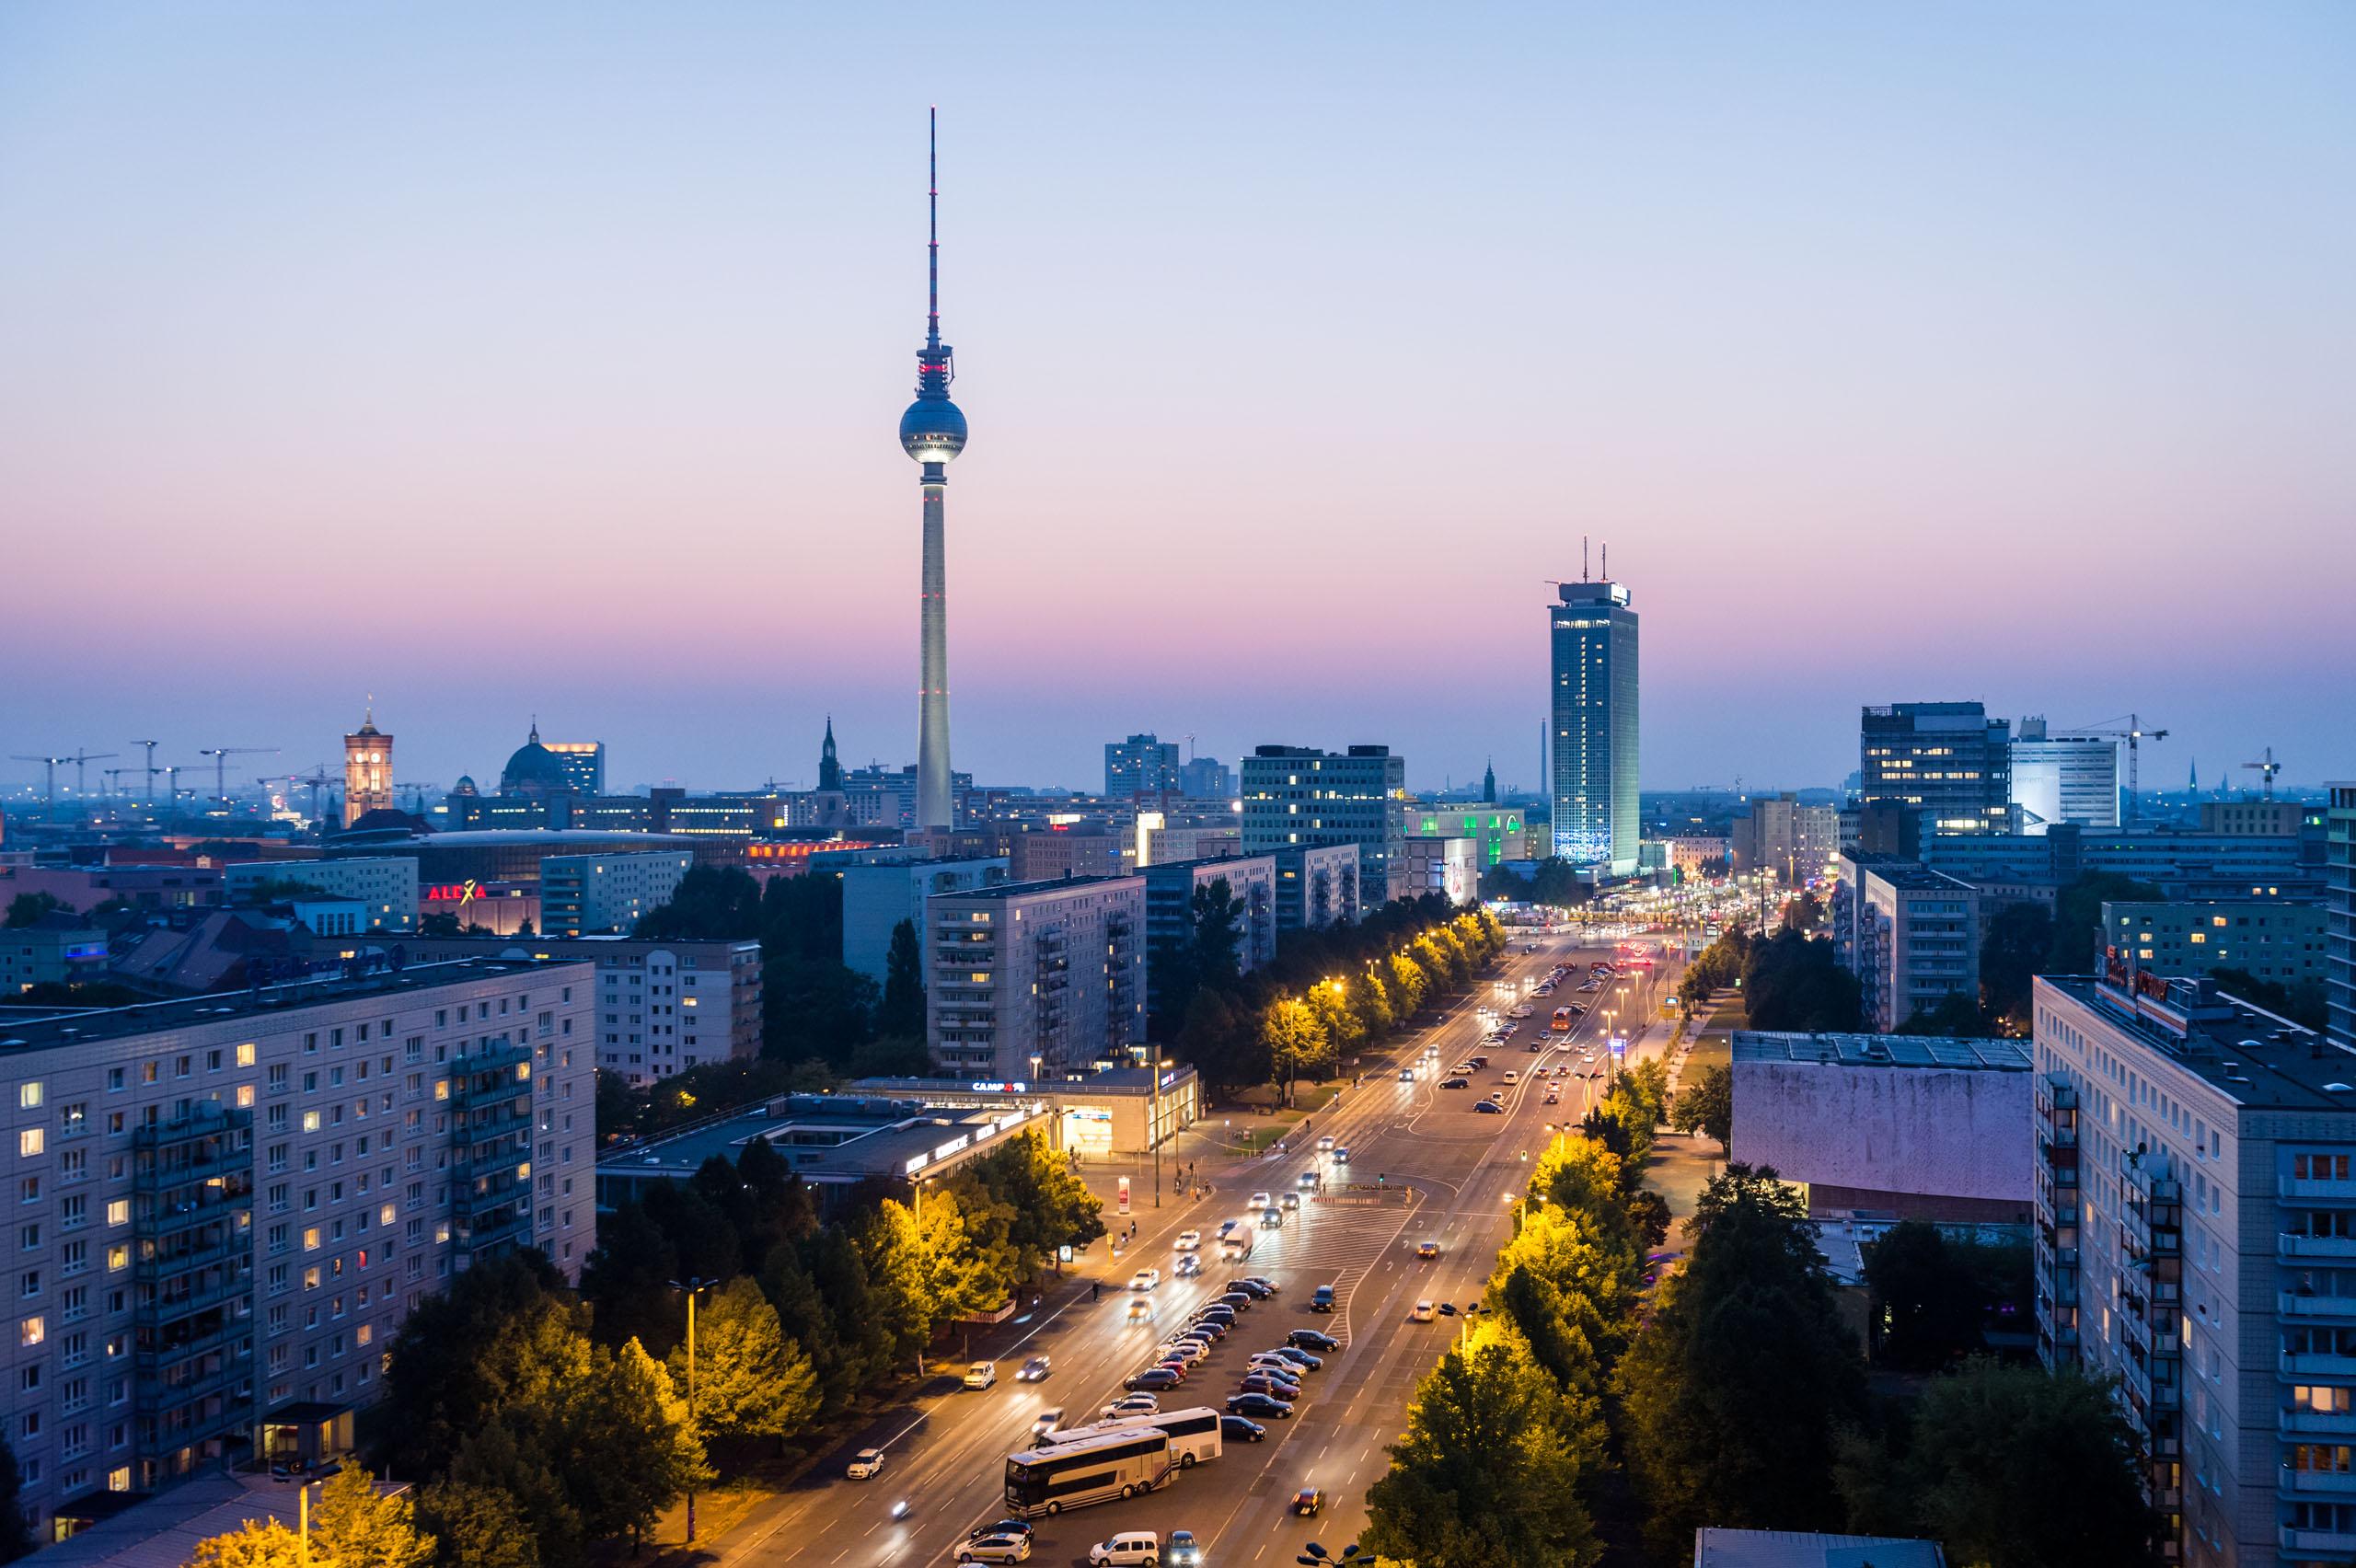 Berlin, Karl-Marx-Allee